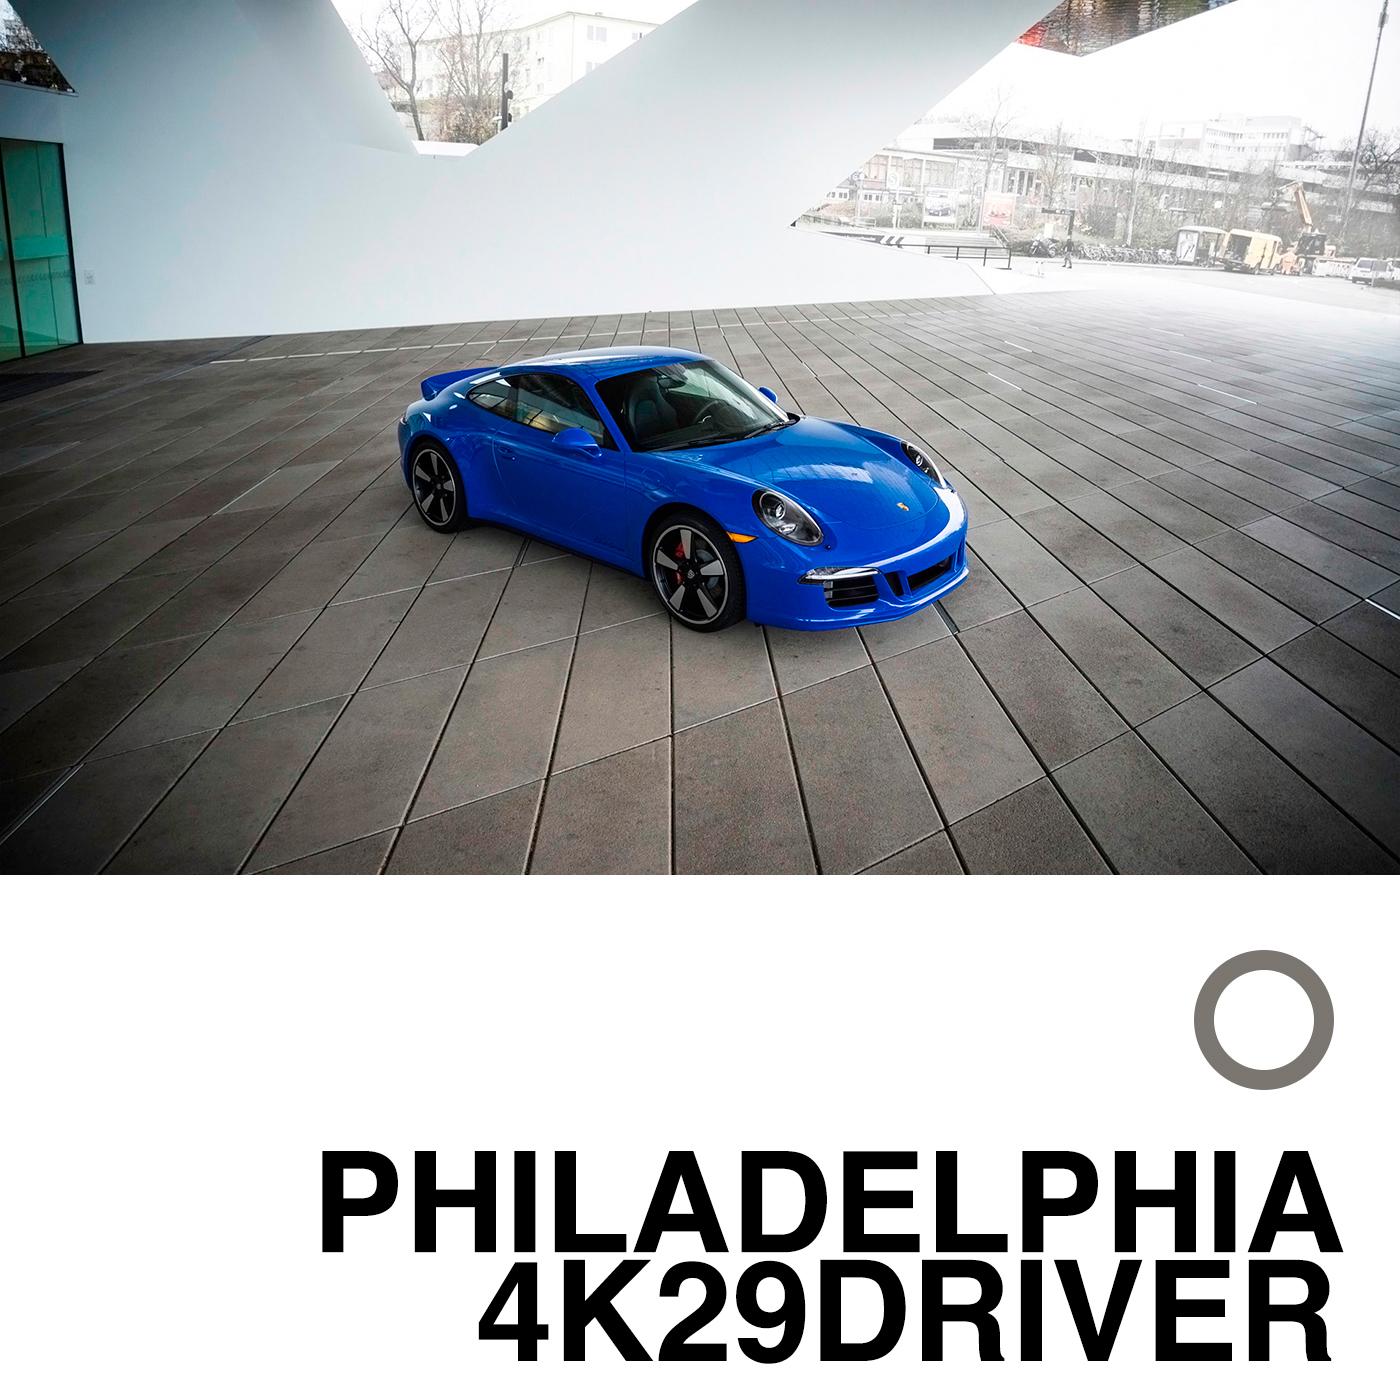 PHILADELPHIA 4K29DRIVER